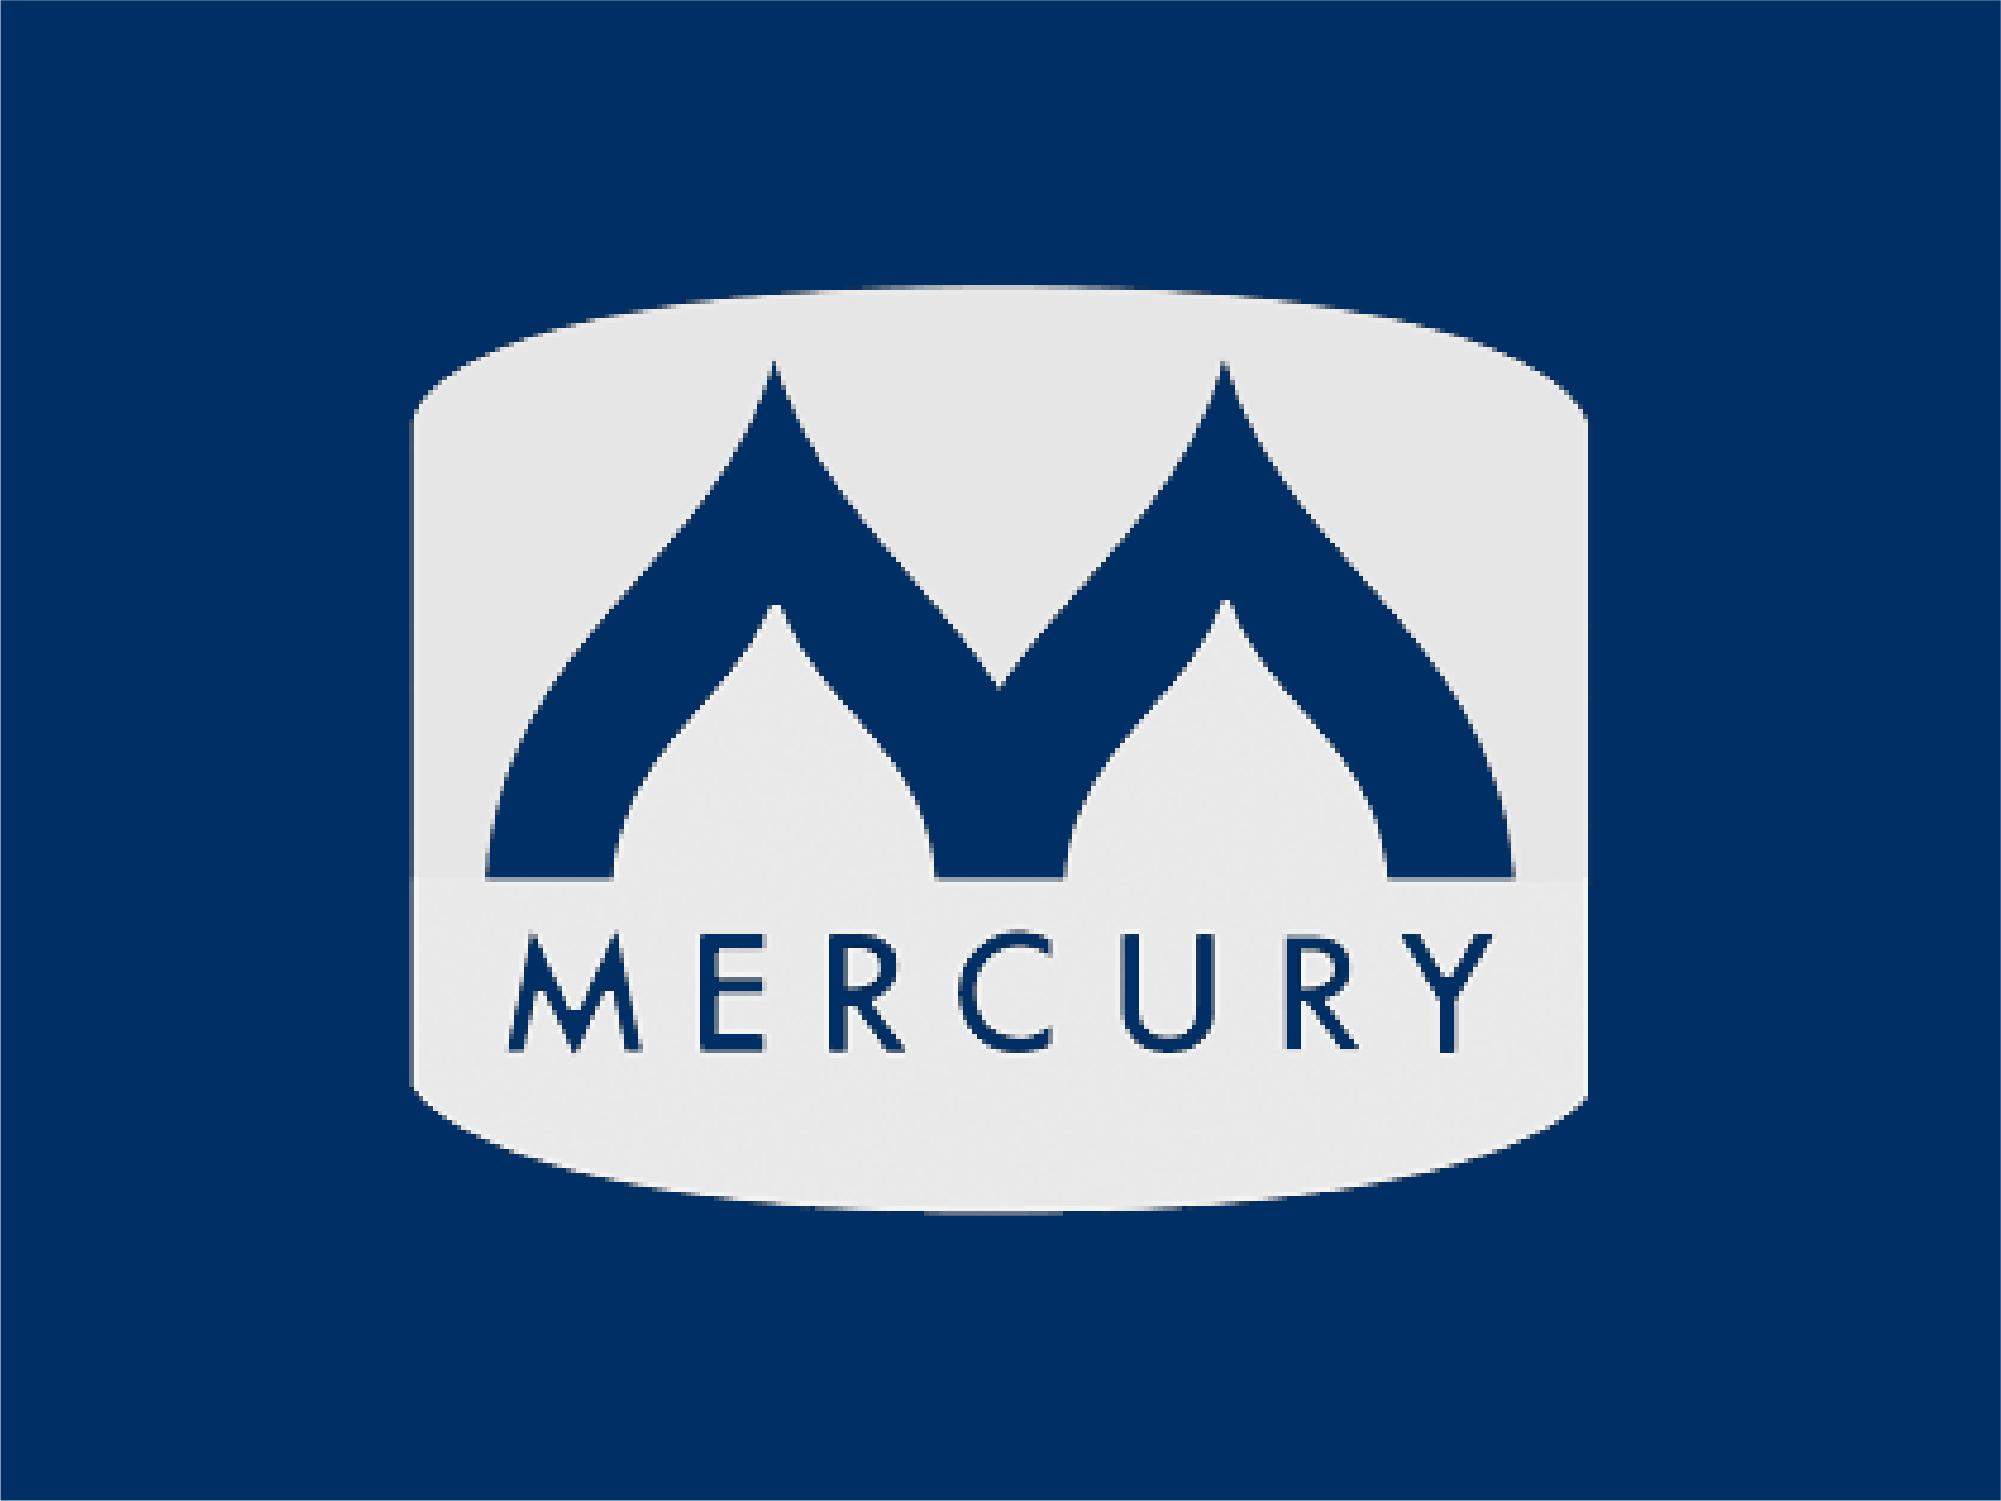 Mercury Engineering - Debt Financing